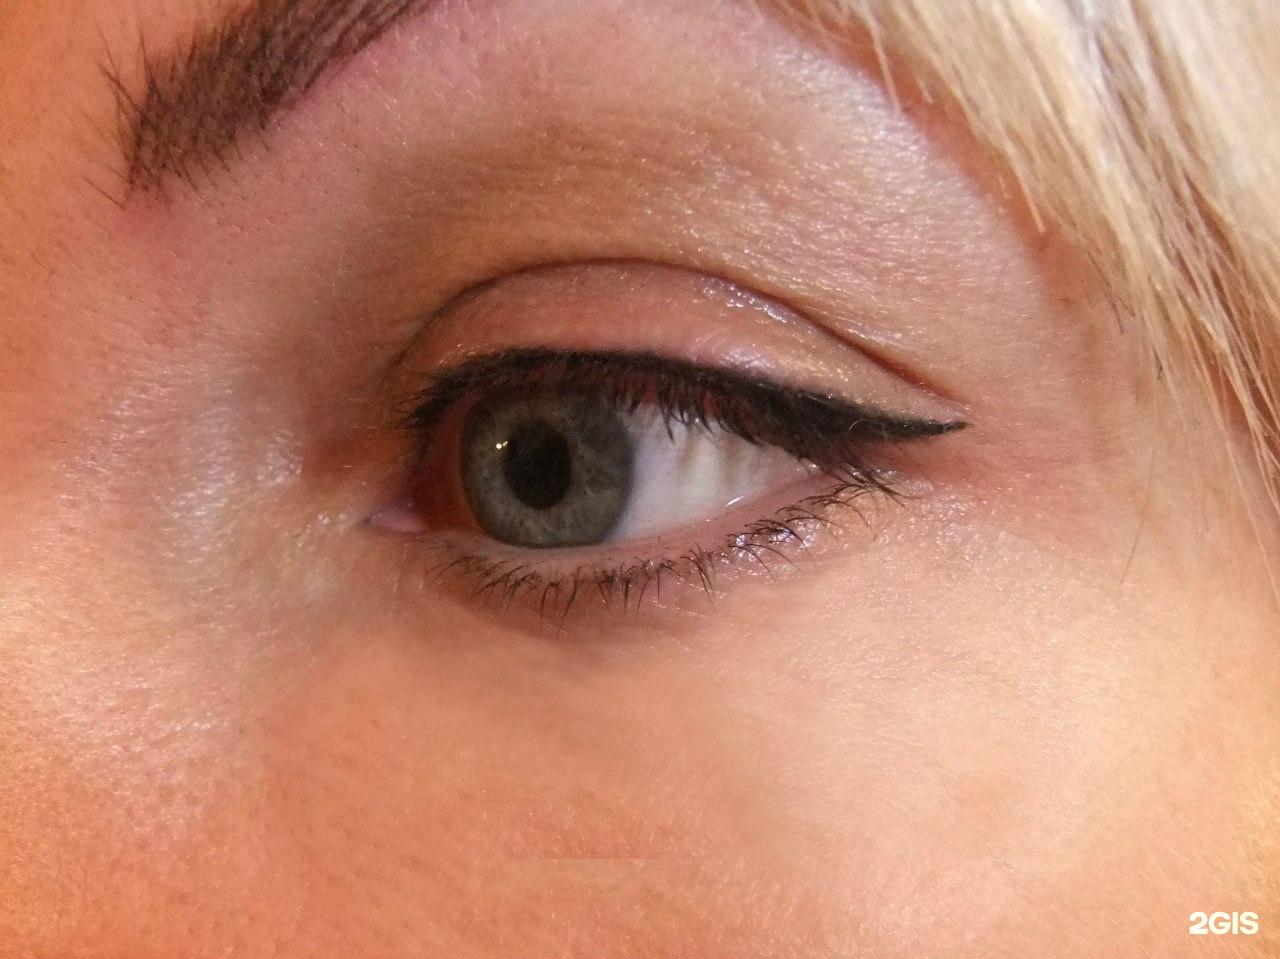 Перманентный макияж глаз: отзывы. Фото до и после. Как делают и сколько